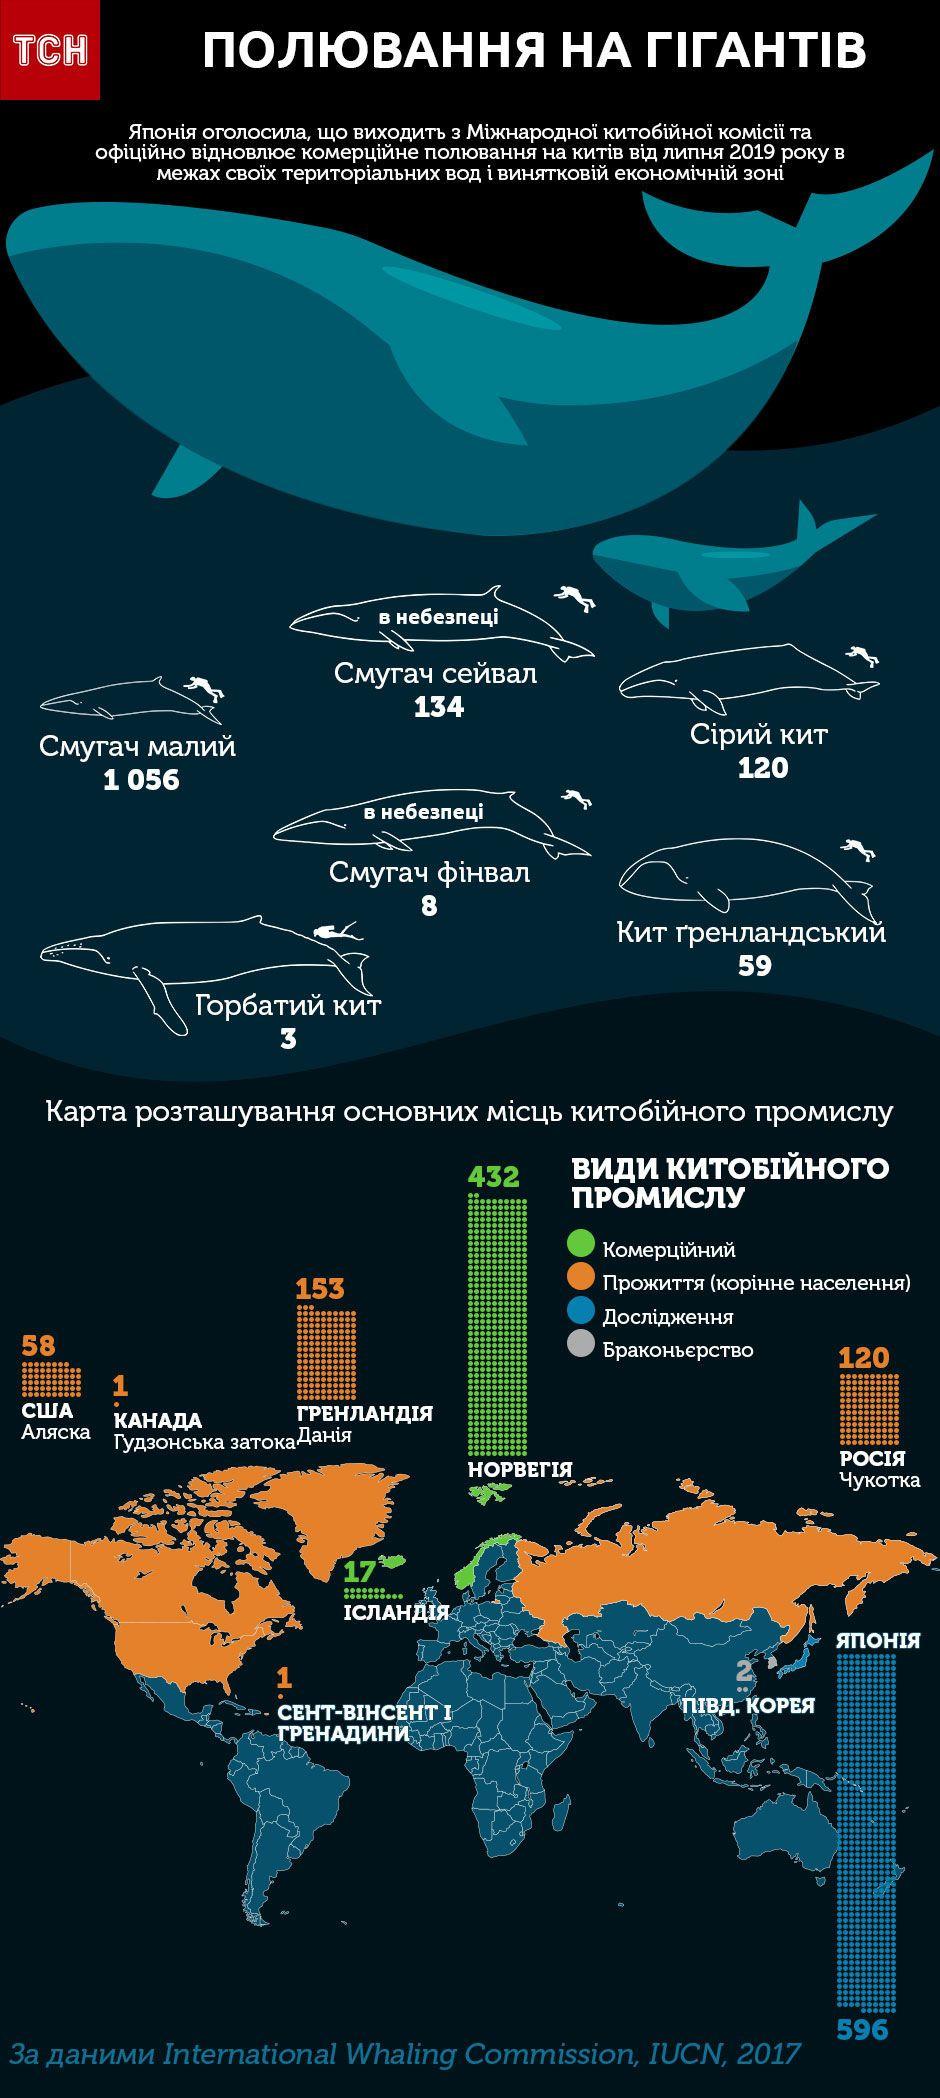 Китобійний промисел у світі, інфографіка